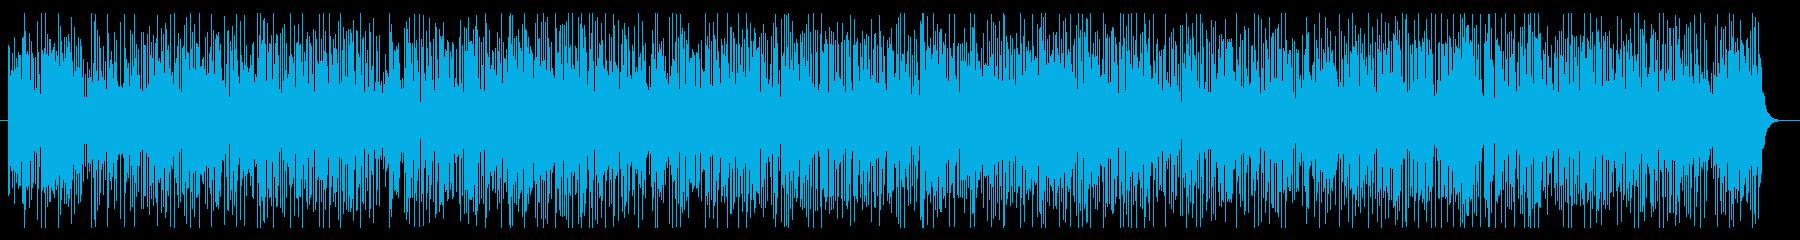 まったりBGMの再生済みの波形